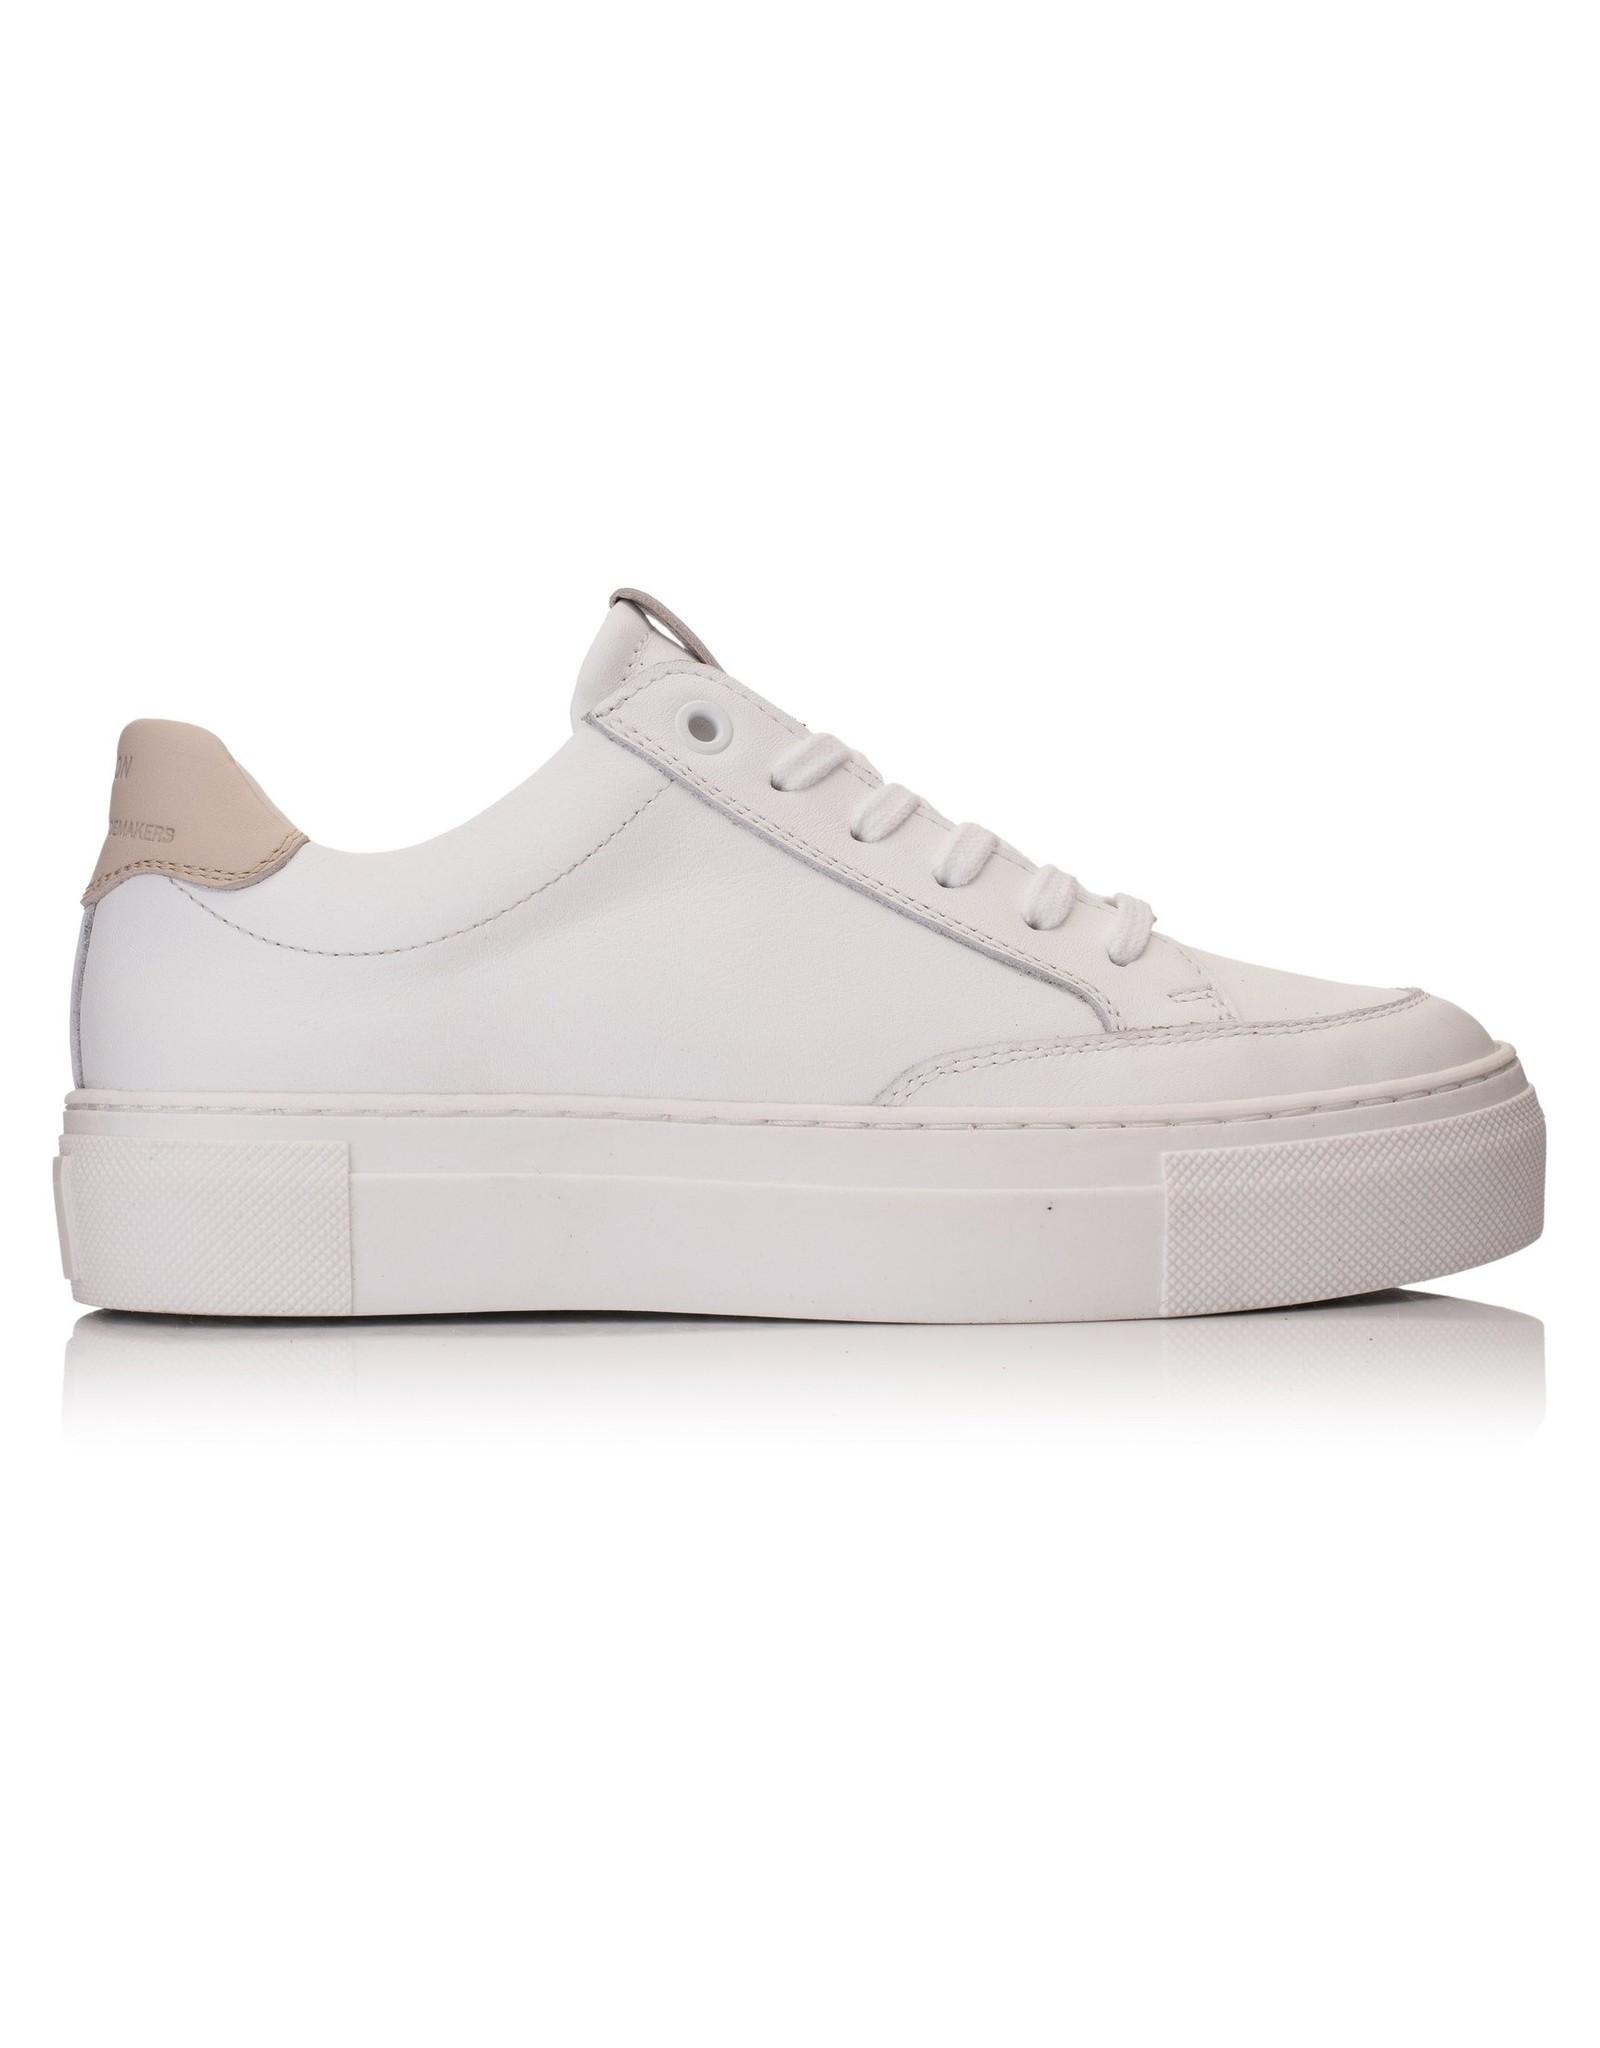 Hinson Sneaker leder dames wit